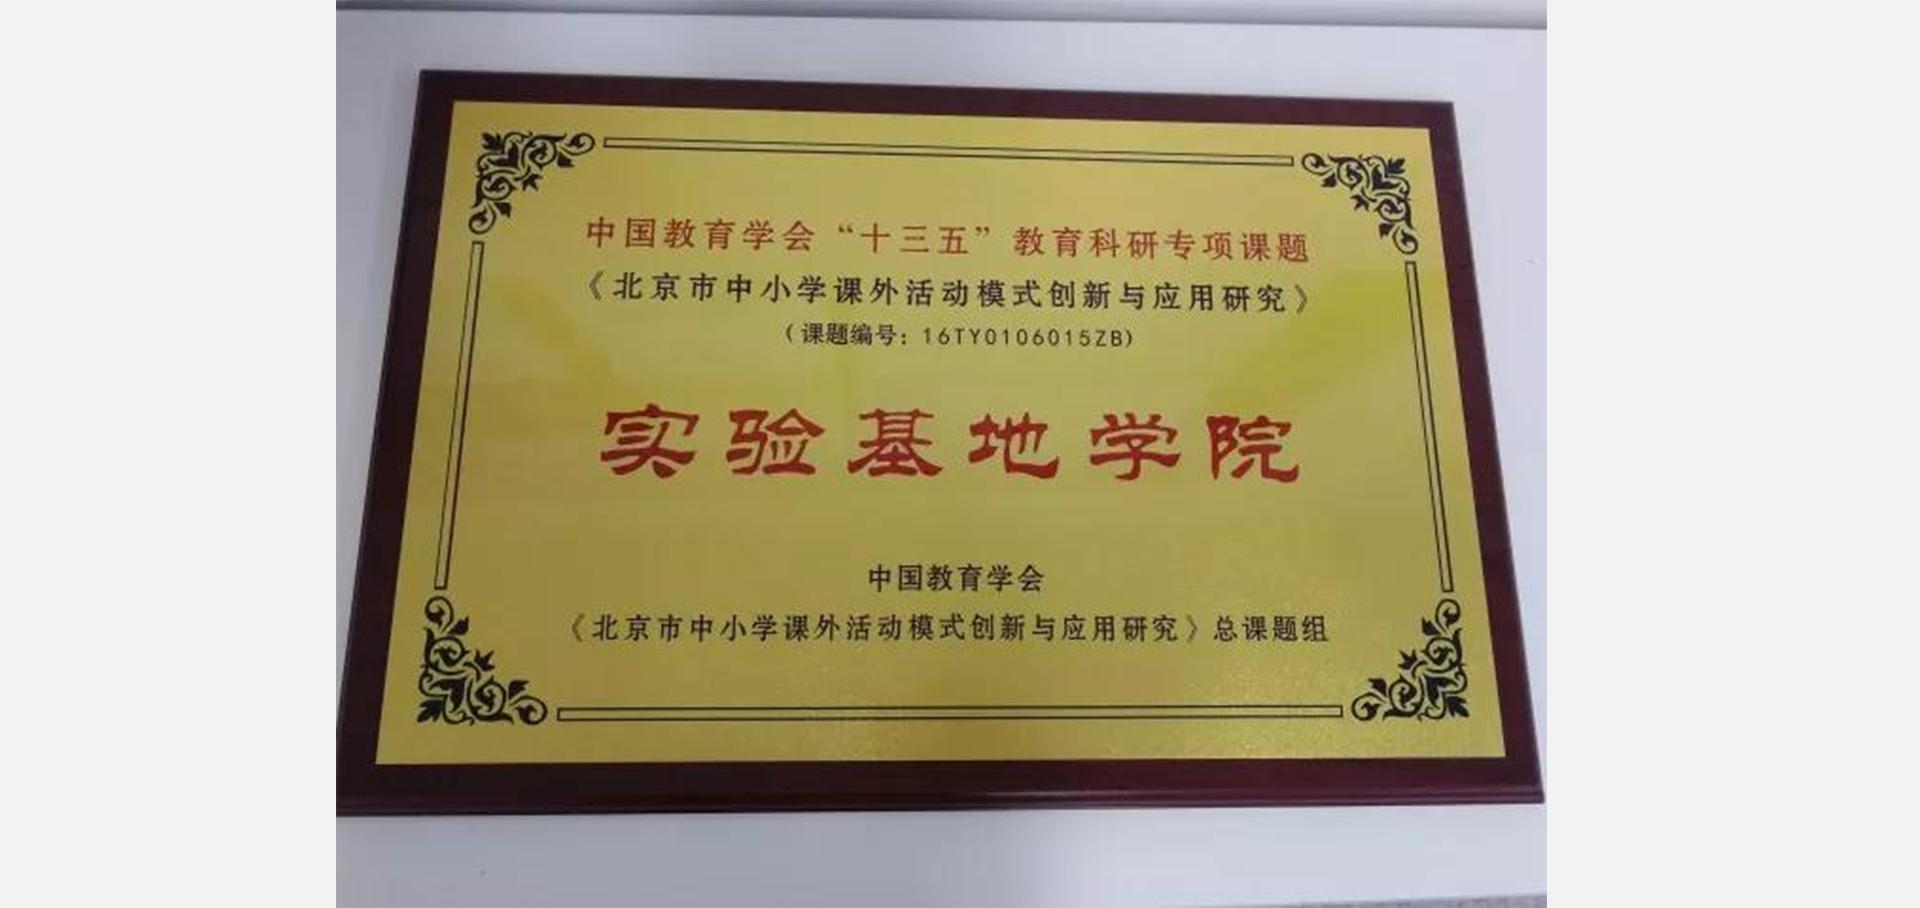 北京悦球被中国教育学会总课题组授予实验基地学院5.jpg